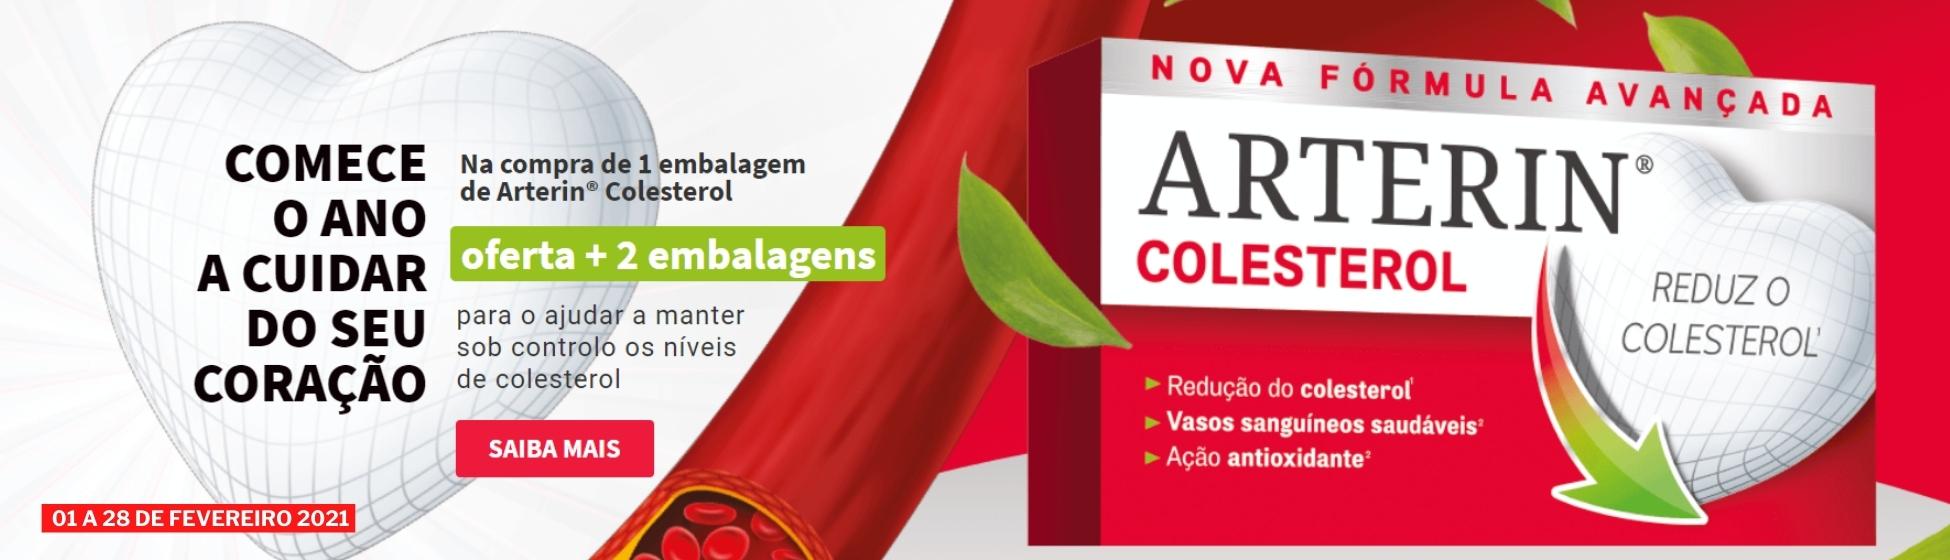 Arterin Colesterol 30 Comprimidos é um suplemento alimentar eficaz e bem tolerado, baseado em extratos naturais que ajudam a diminuir e/ou manter o colesterol